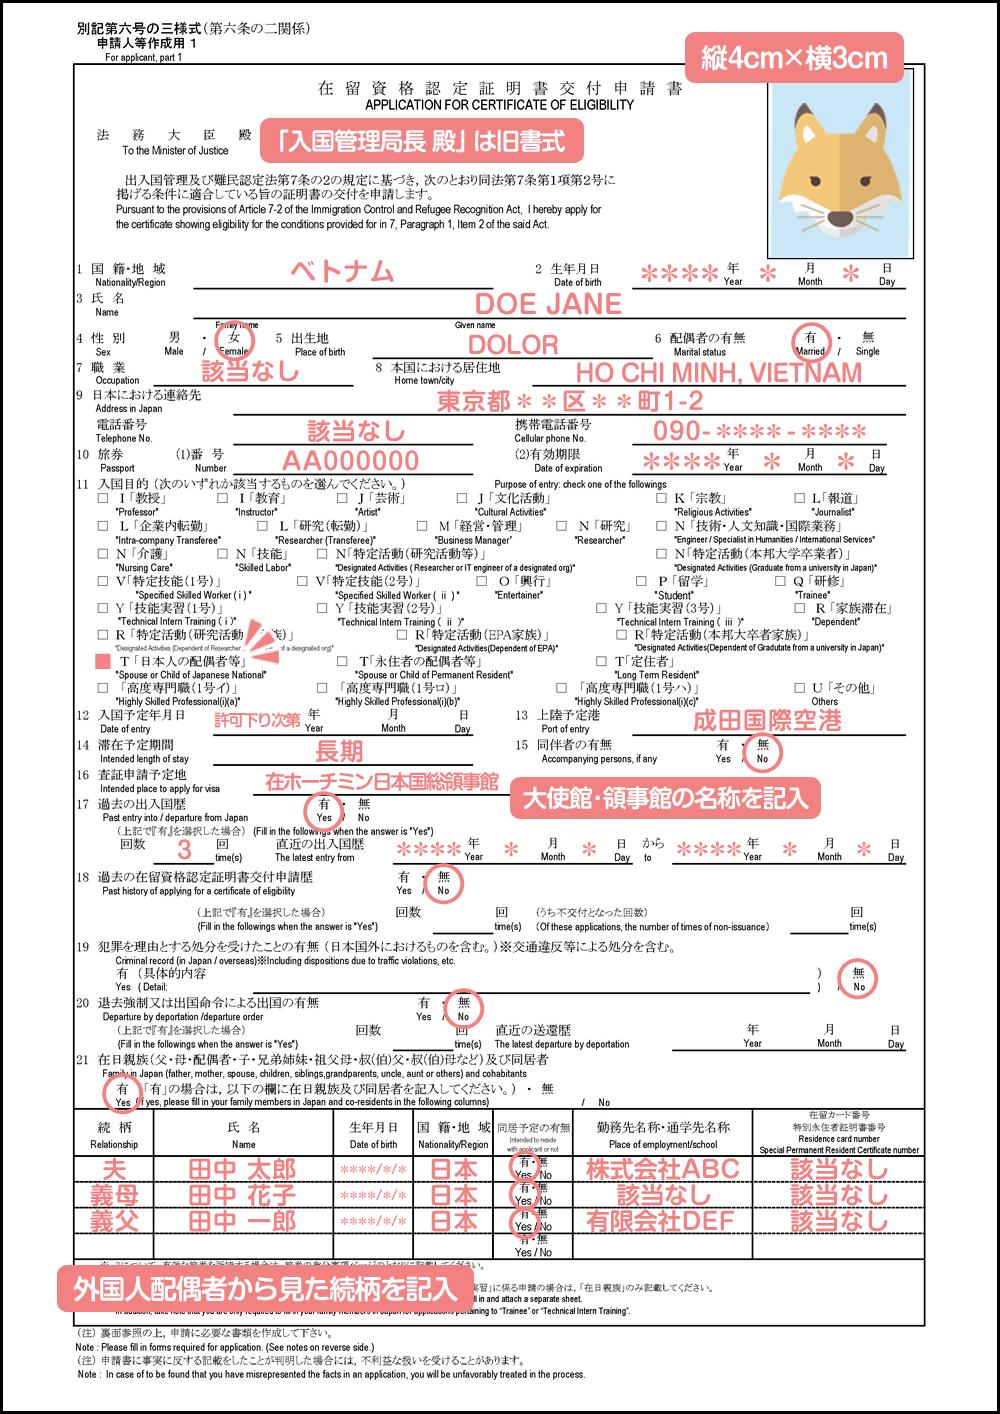 配偶者ビザ申請の在留資格認定証明書交付申請書_1枚目